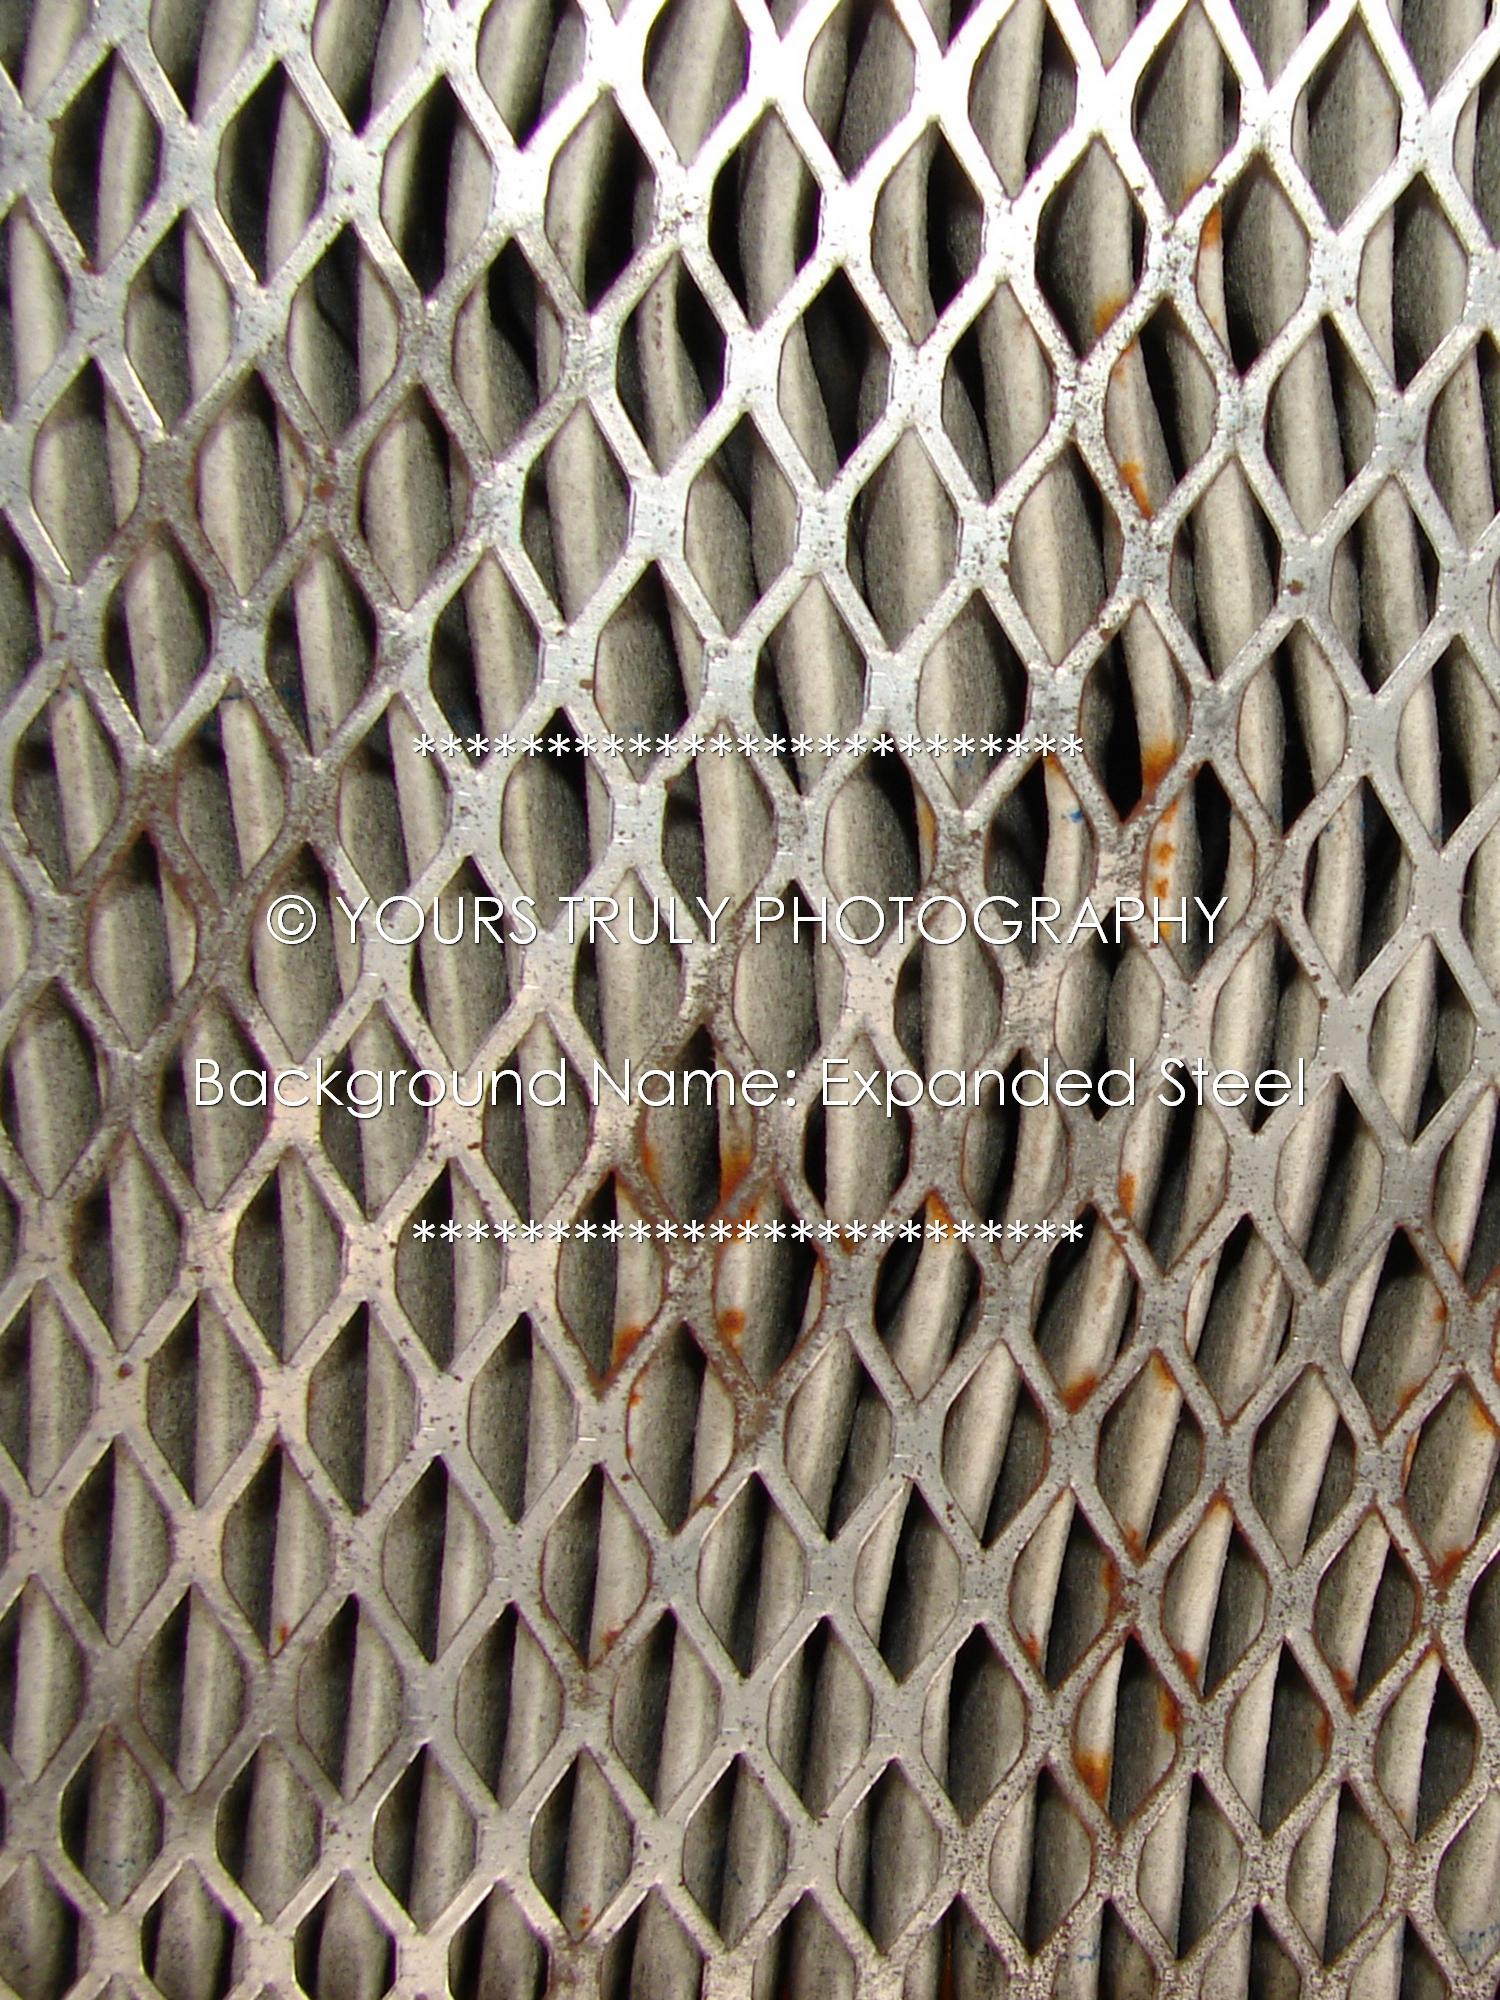 Expanded Steel.jpg